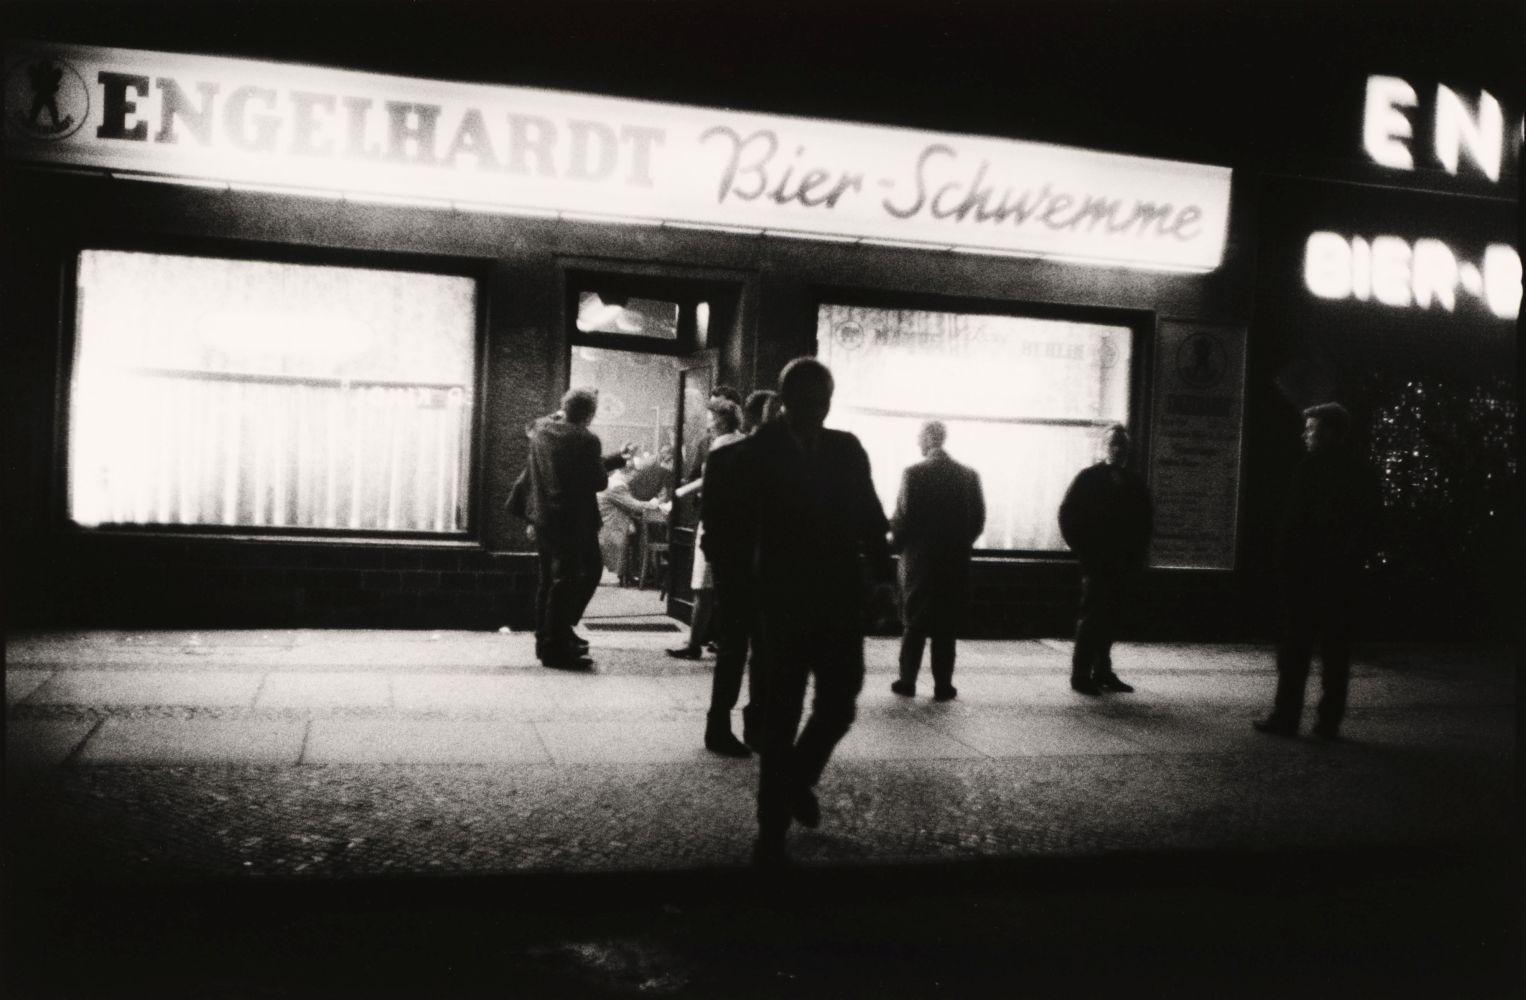 Bernard Larsson: Moabit 23 Uhr, Westberlin, 1964 © bpk / Kunstbibliothek, Staatliche Museen zu Berlin / Bernard Larsson